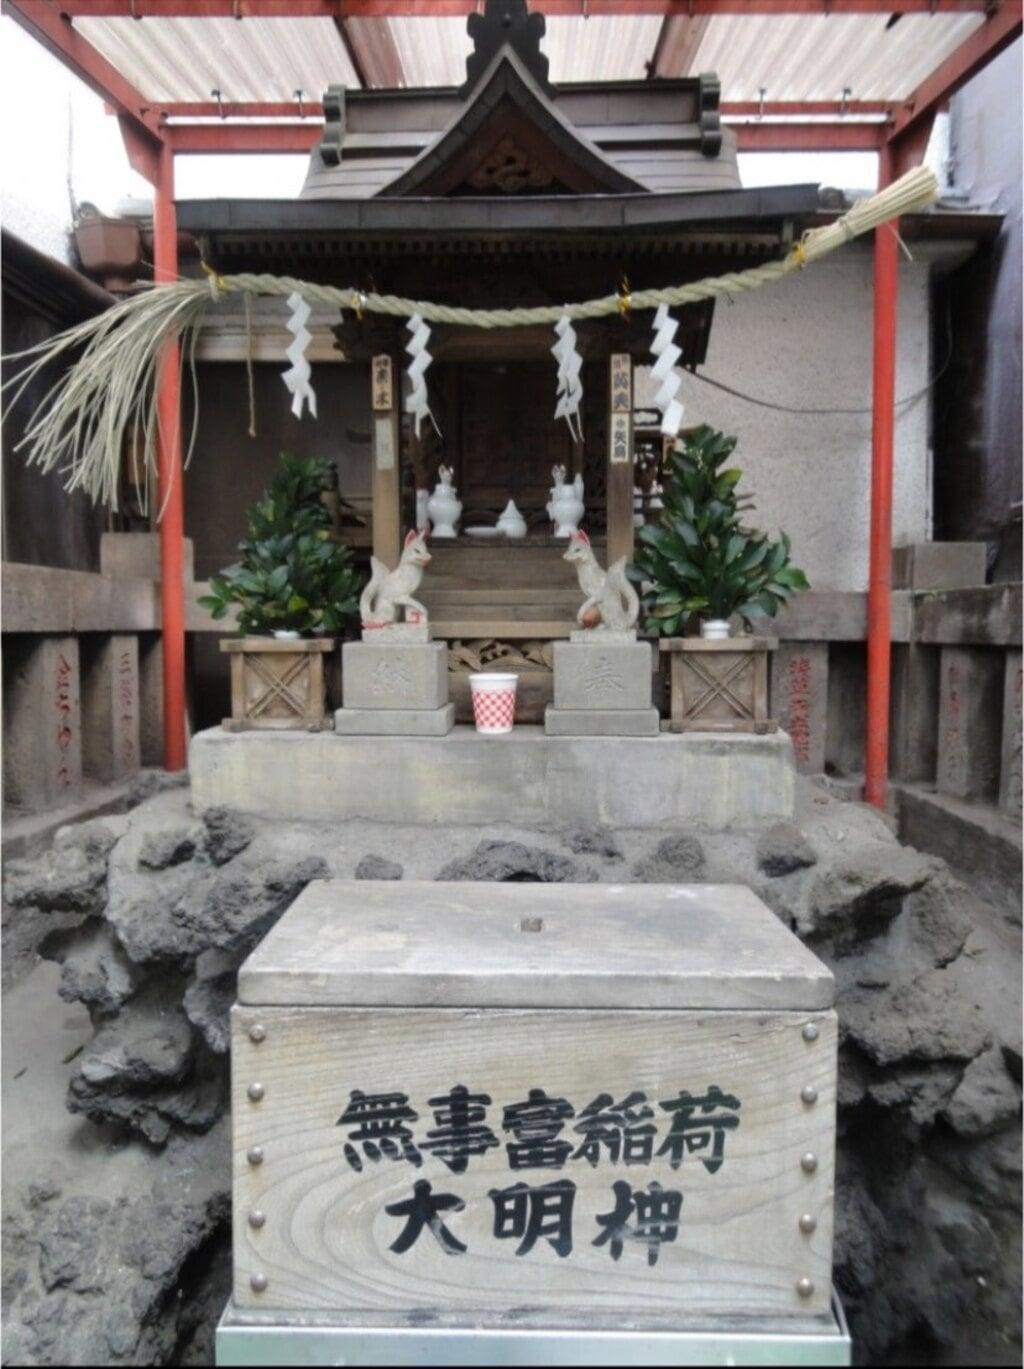 無事富稲荷神社(東京都)